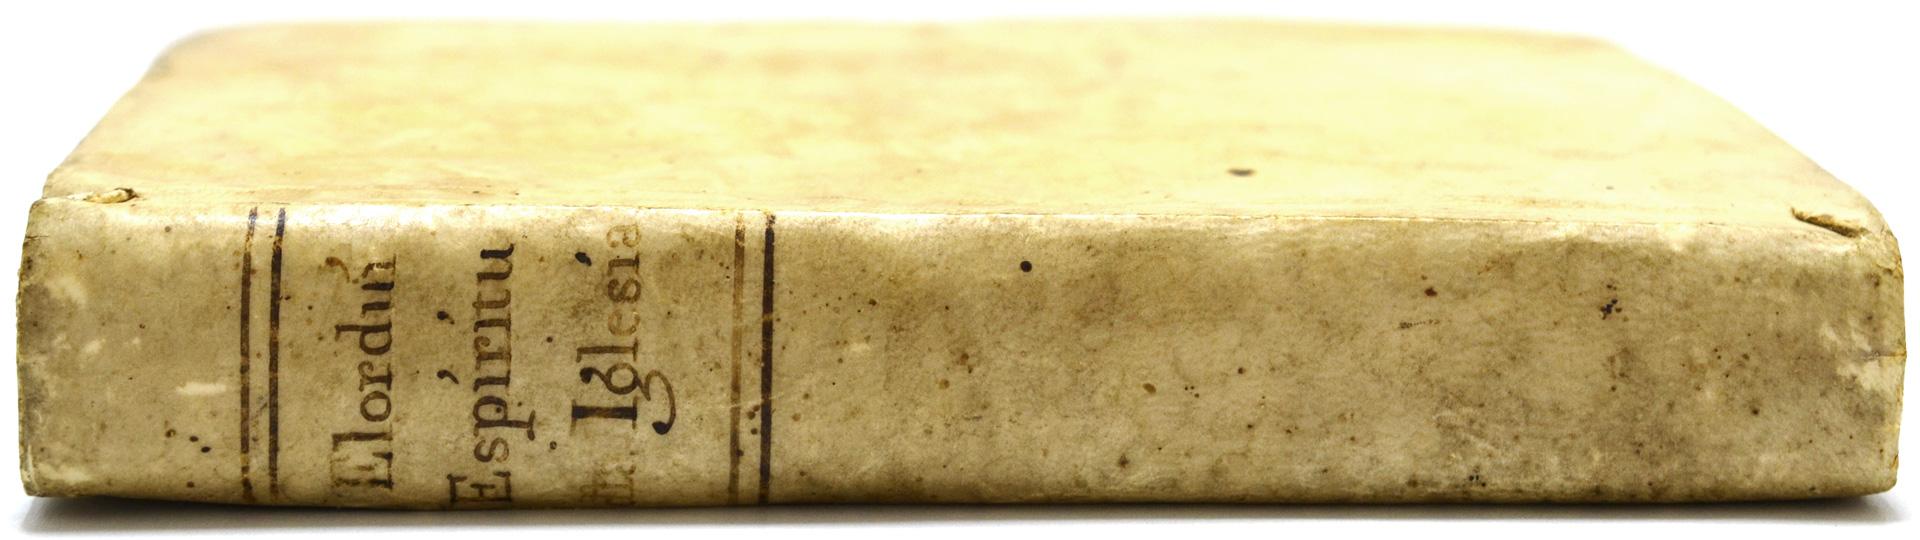 ペルガミーノの背表紙